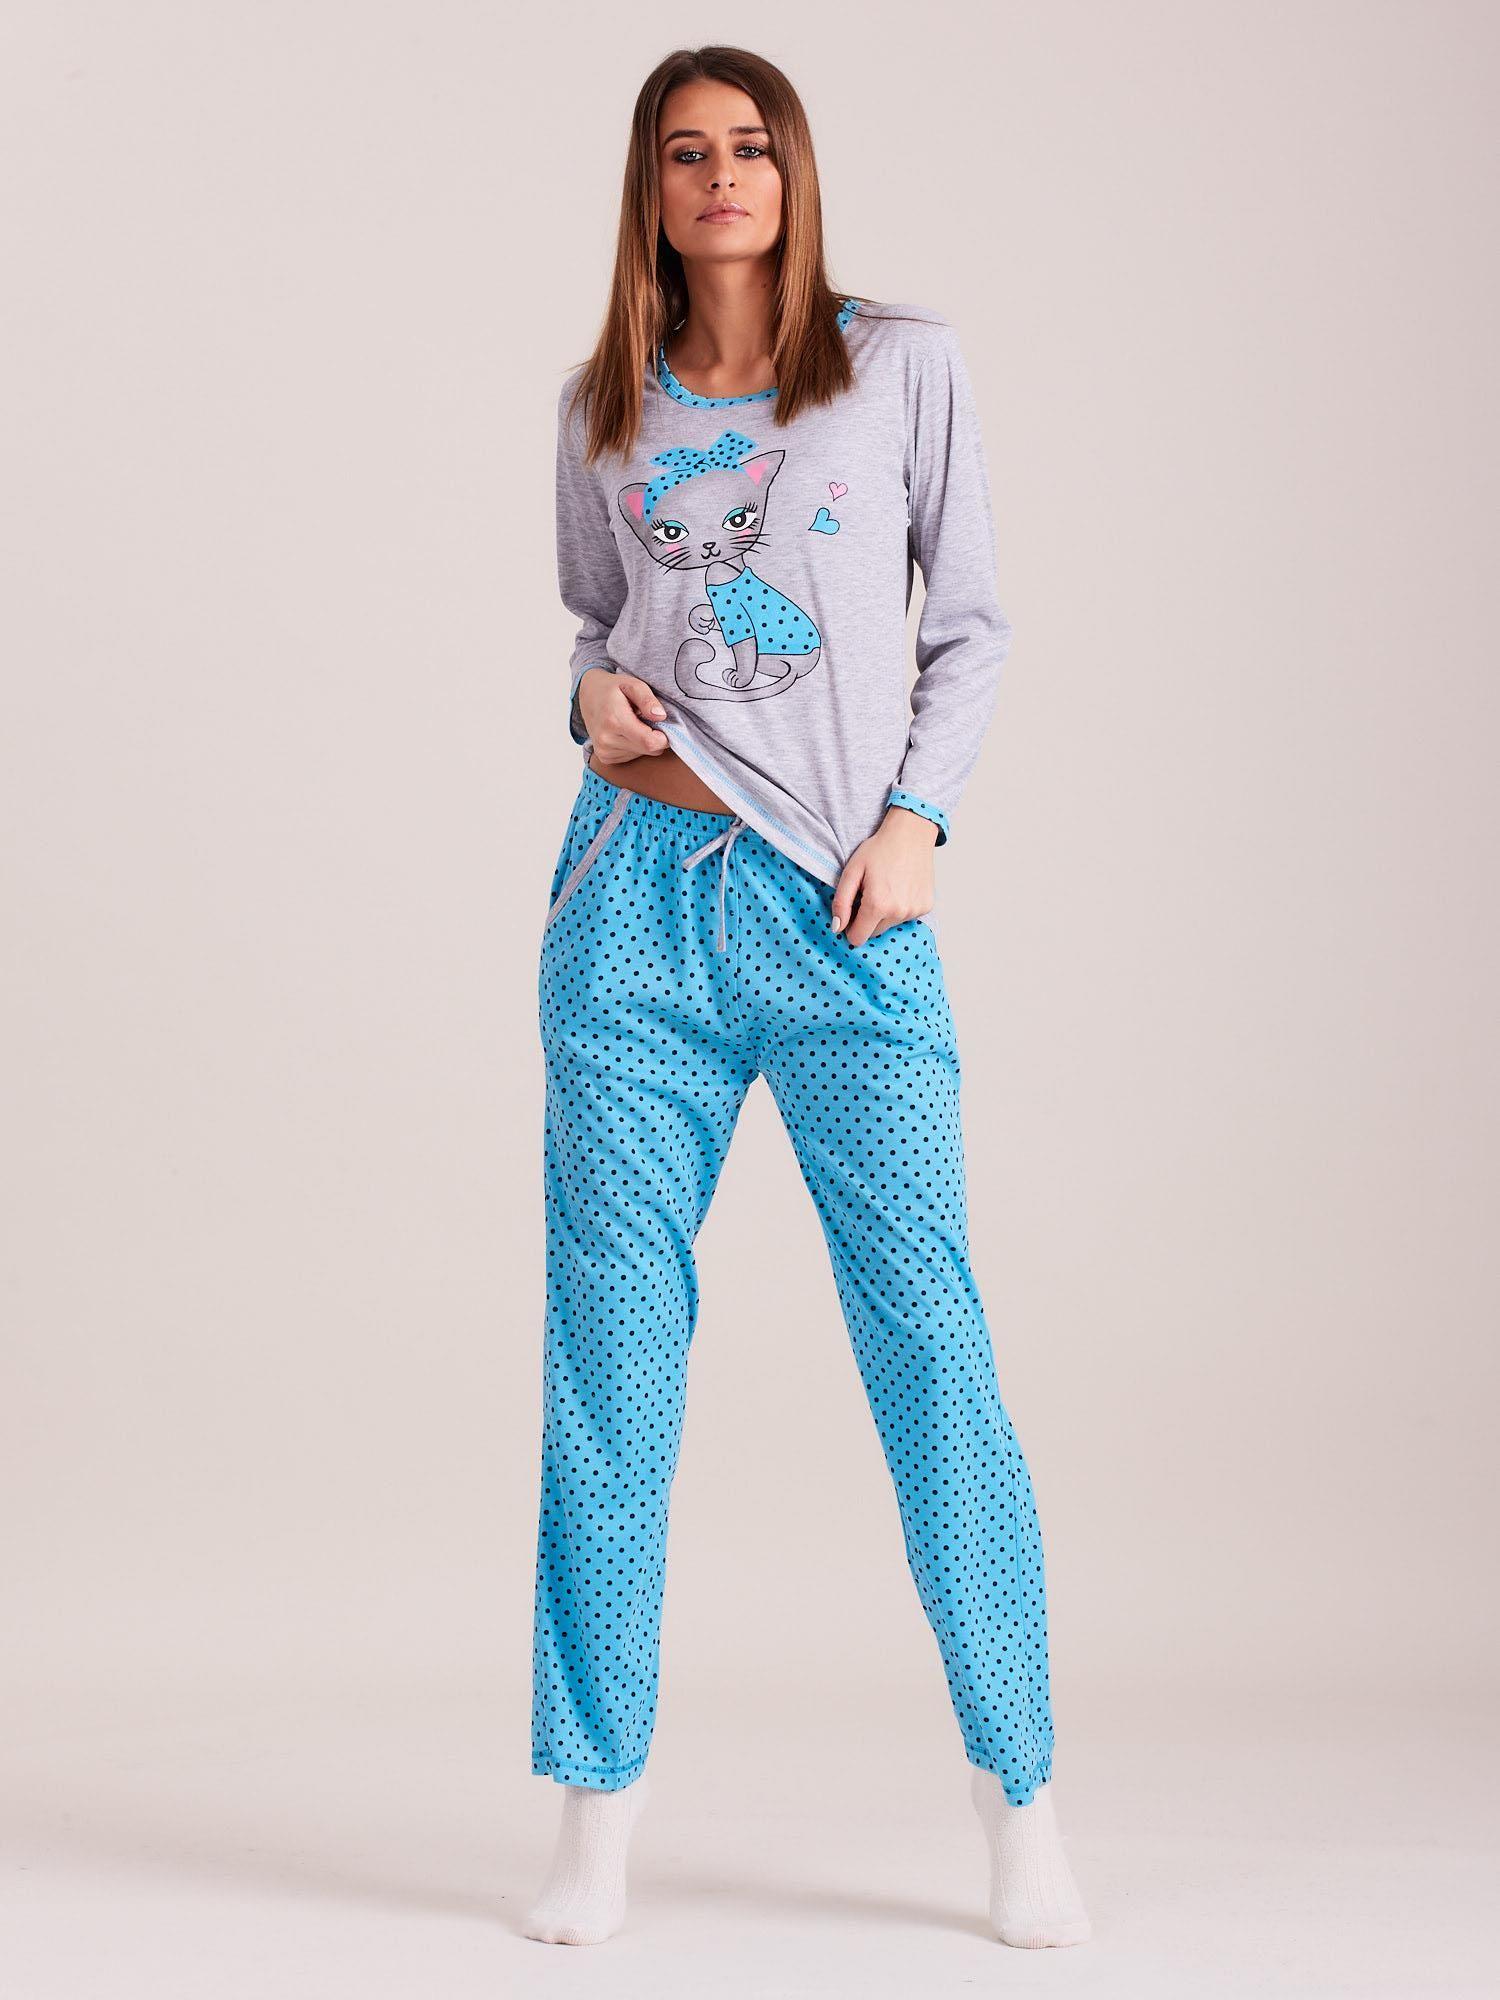 cc1b7788c9818e Niebieski komplet do spania w groszki - Bielizna piżama - sklep ...